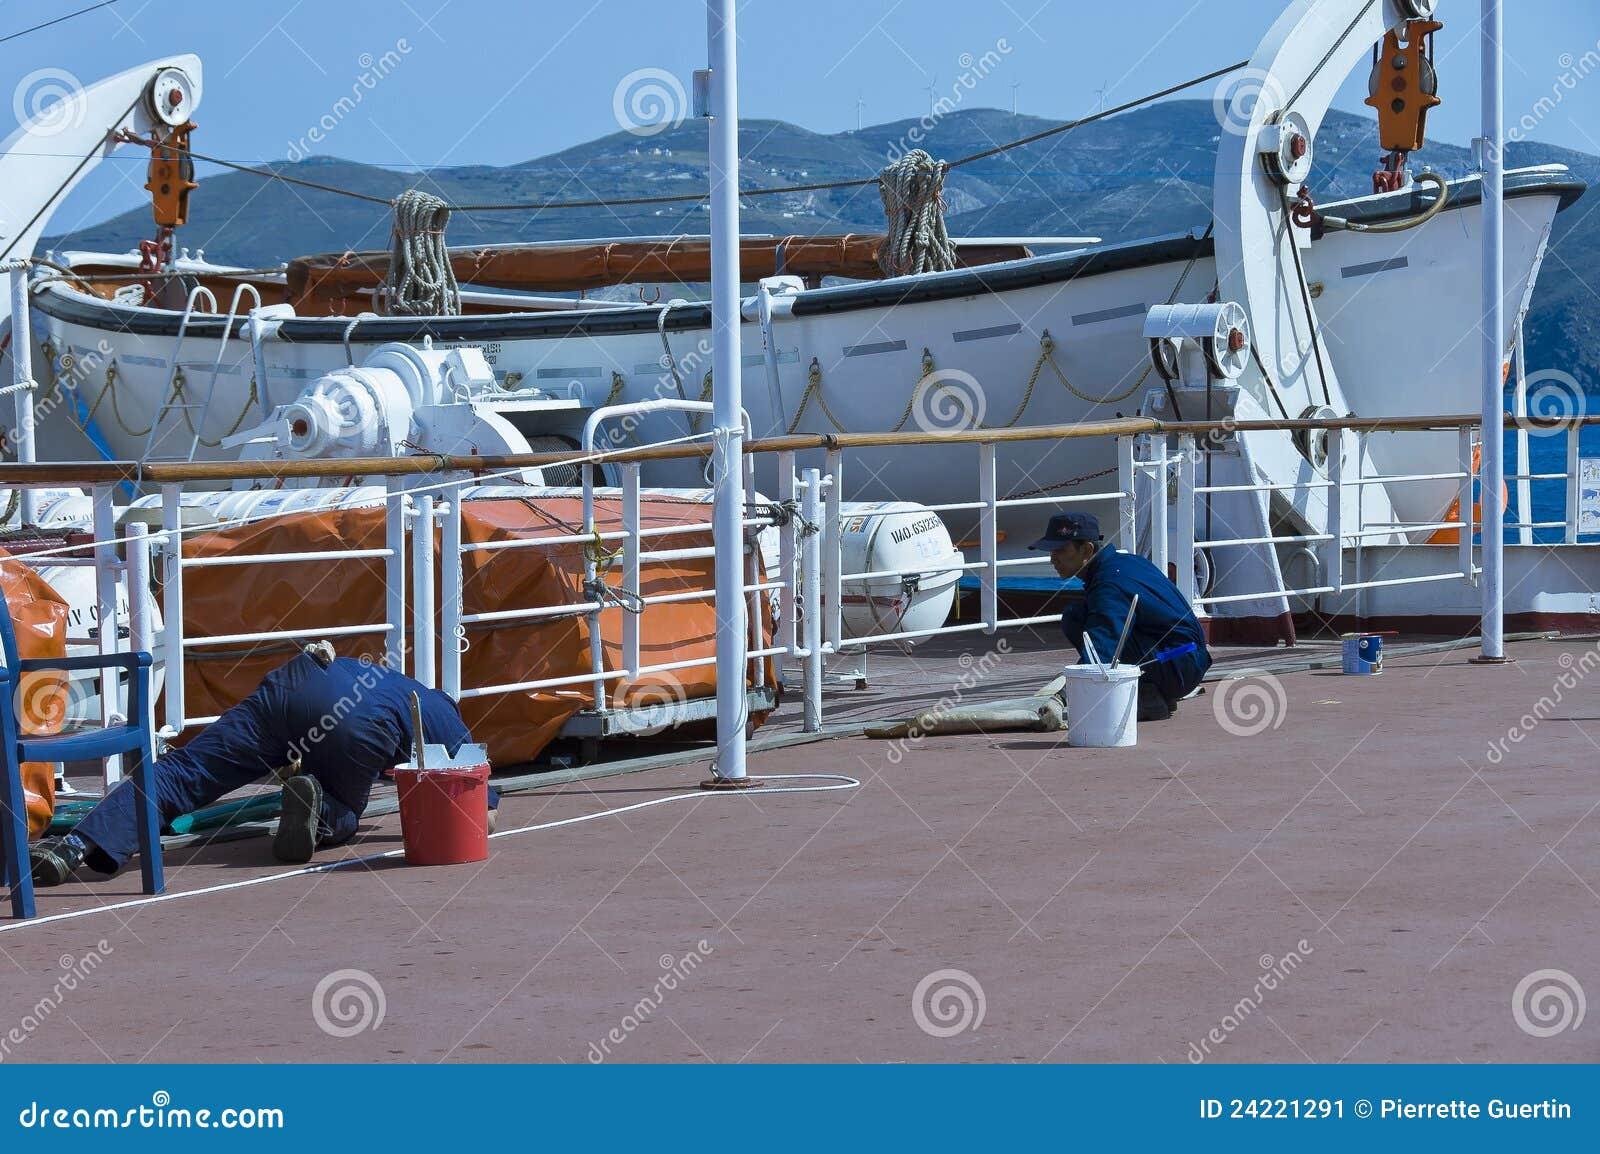 Croisière de luxe sur le SEVEN SEAS NAVIGATOR pendant 18 jours de Los angeles à Papeete en décem Sur les bateaux Costa Croisières, tout est fait pour vivre une croisière en famille de certains salons, tandis que les cigares et les pipes ne peuvent être fumés.